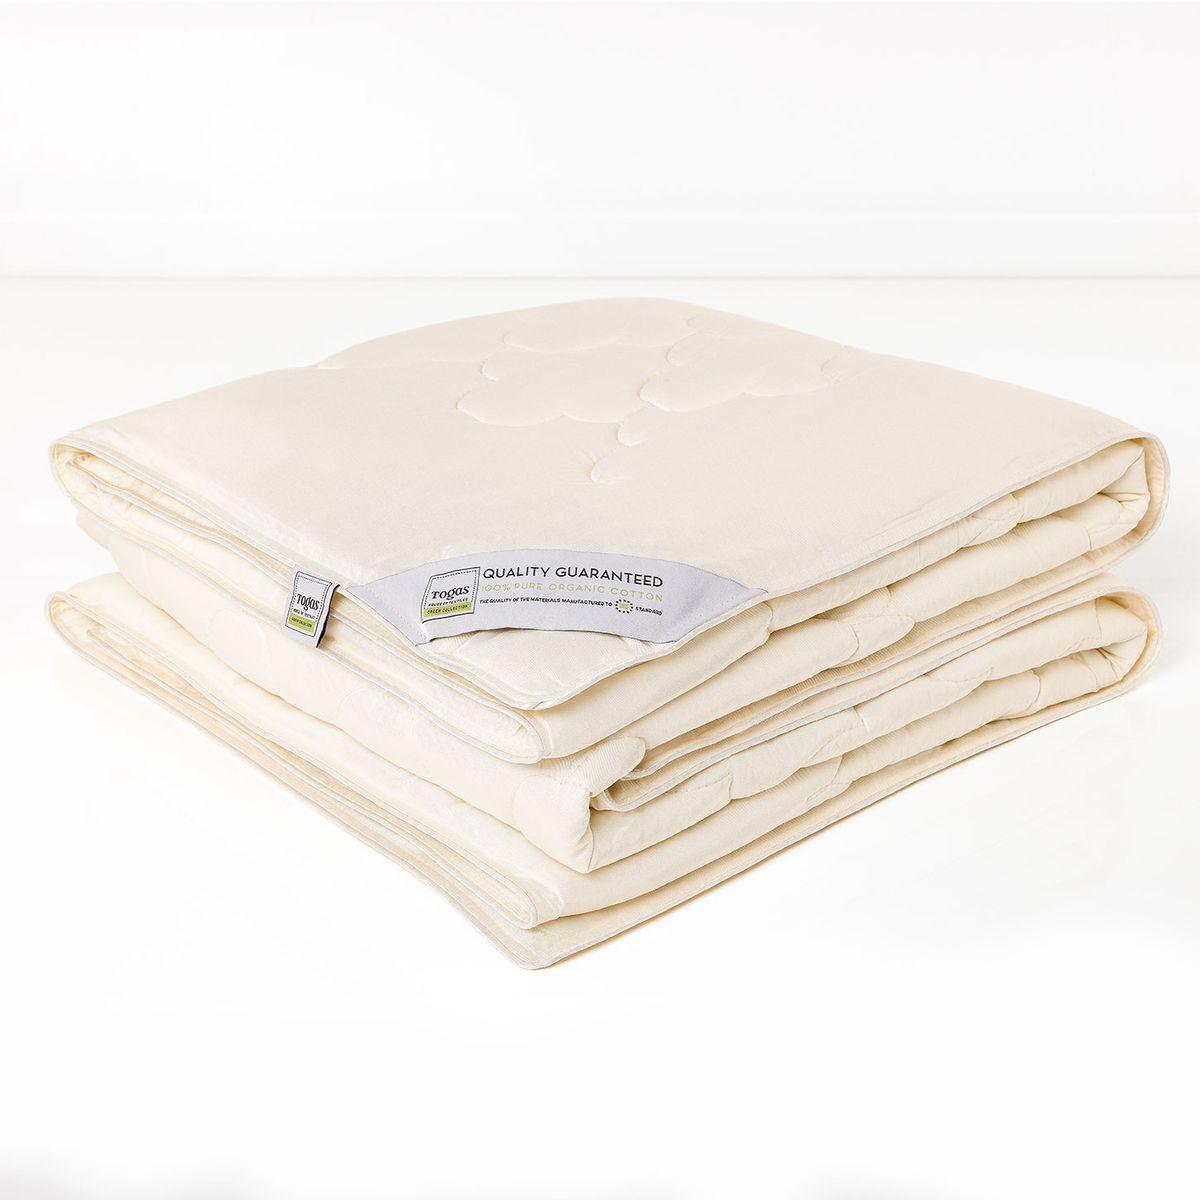 Одеяло Togas, наполнитель: хлопок, цвет: экрю, 220 х 240 см531-401Одеяло Togas создаст комфортные условия для сна благодаря уникальным природным свойствам бамбука, входящего в состав наполнителя. Бамбуковое волокно мягкое и приятное на ощупь, по виду напоминает шелк и кашемир. В качестве наполнителя использован натуральный хлопок - высокопрочный, самый популярный в мире натуральный материал, известный своими впитывающими и терморегулирующими свойствами. Это одеяло поистине совершенно, ведь в нем объединились новейшие технологии, и безграничная сила природы…Одеяло из бамбукового волокна очень практично - за ним несложно ухаживать в домашних условиях.